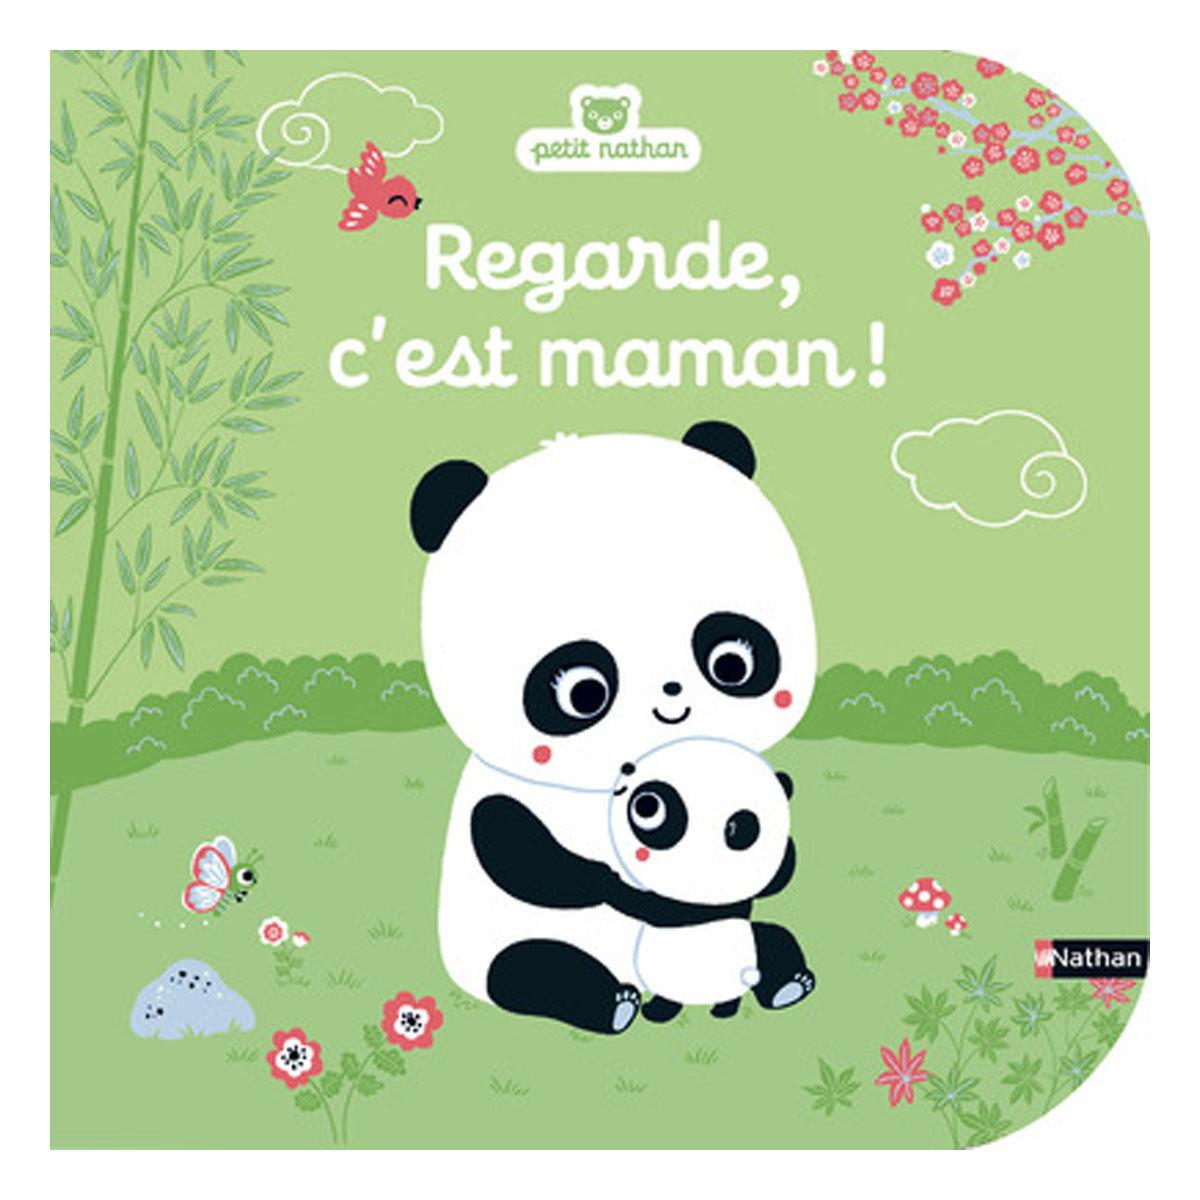 Livre & Carte Regarde, C'est Maman! Regarde, C'est Maman!